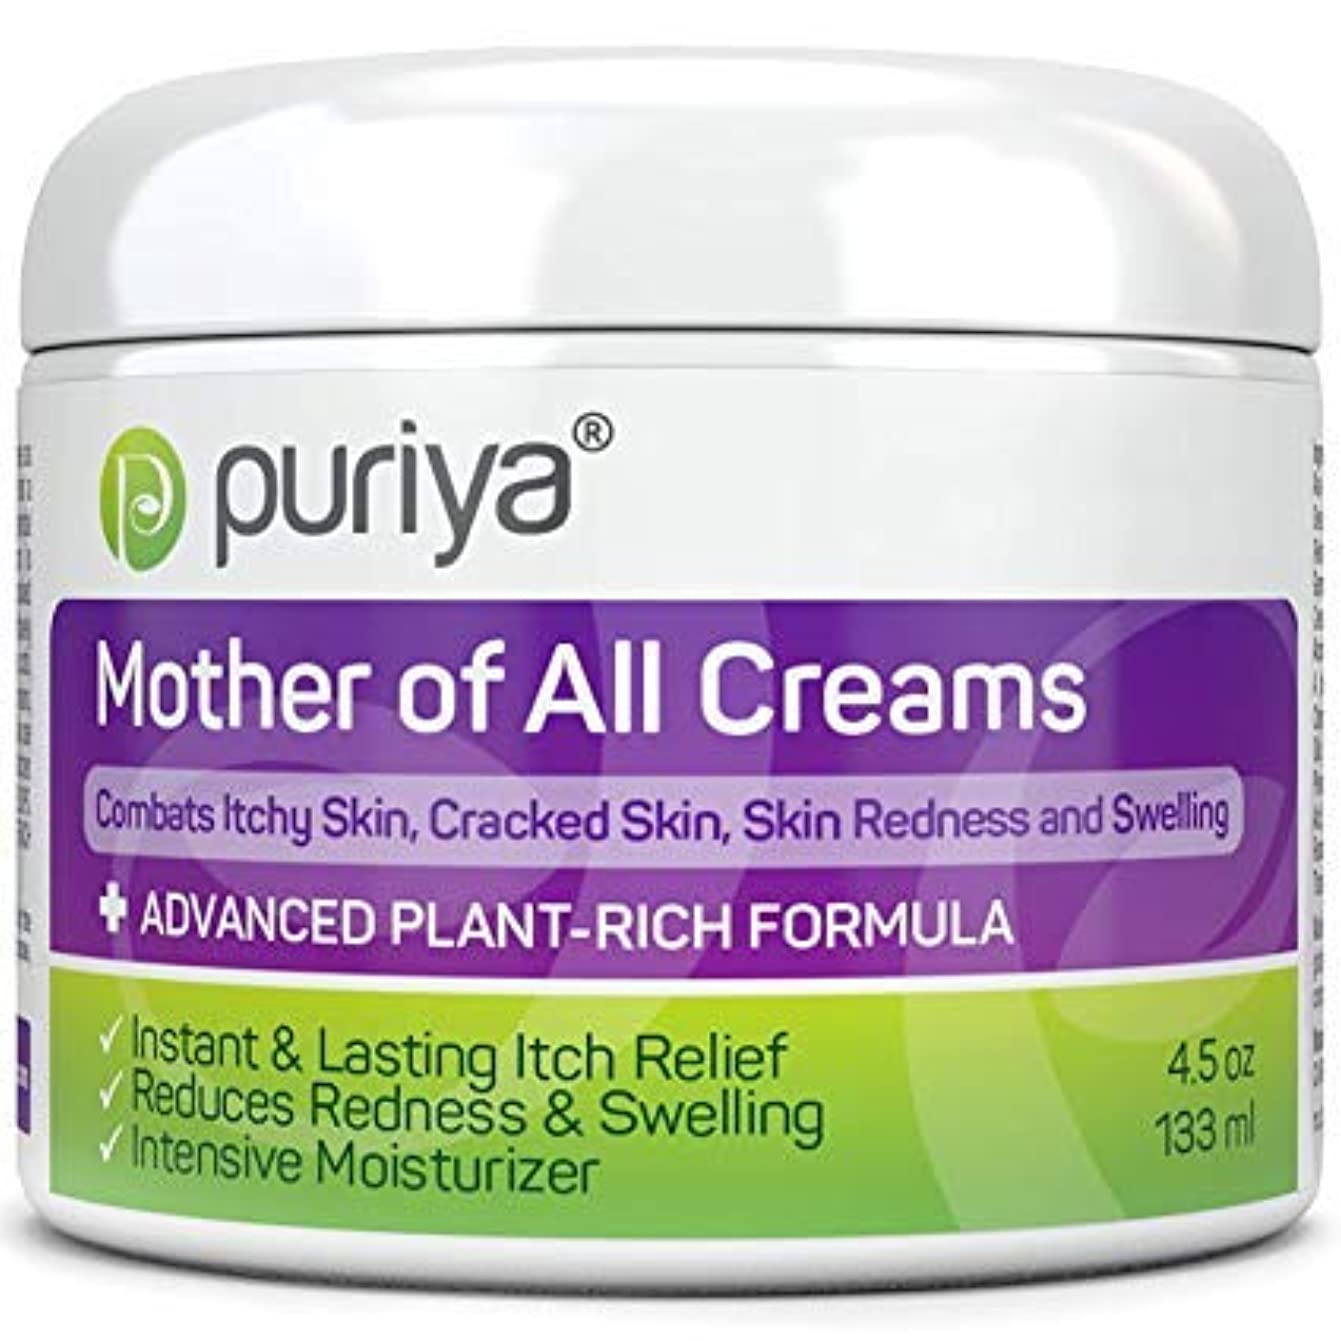 ベイビー水を飲む見えないPuriya マザーオブオールクリーム Mother of All Creams Cream For Eczema, Psoriasis, Dermatitis and Rashes. Powerful Plant Rich...